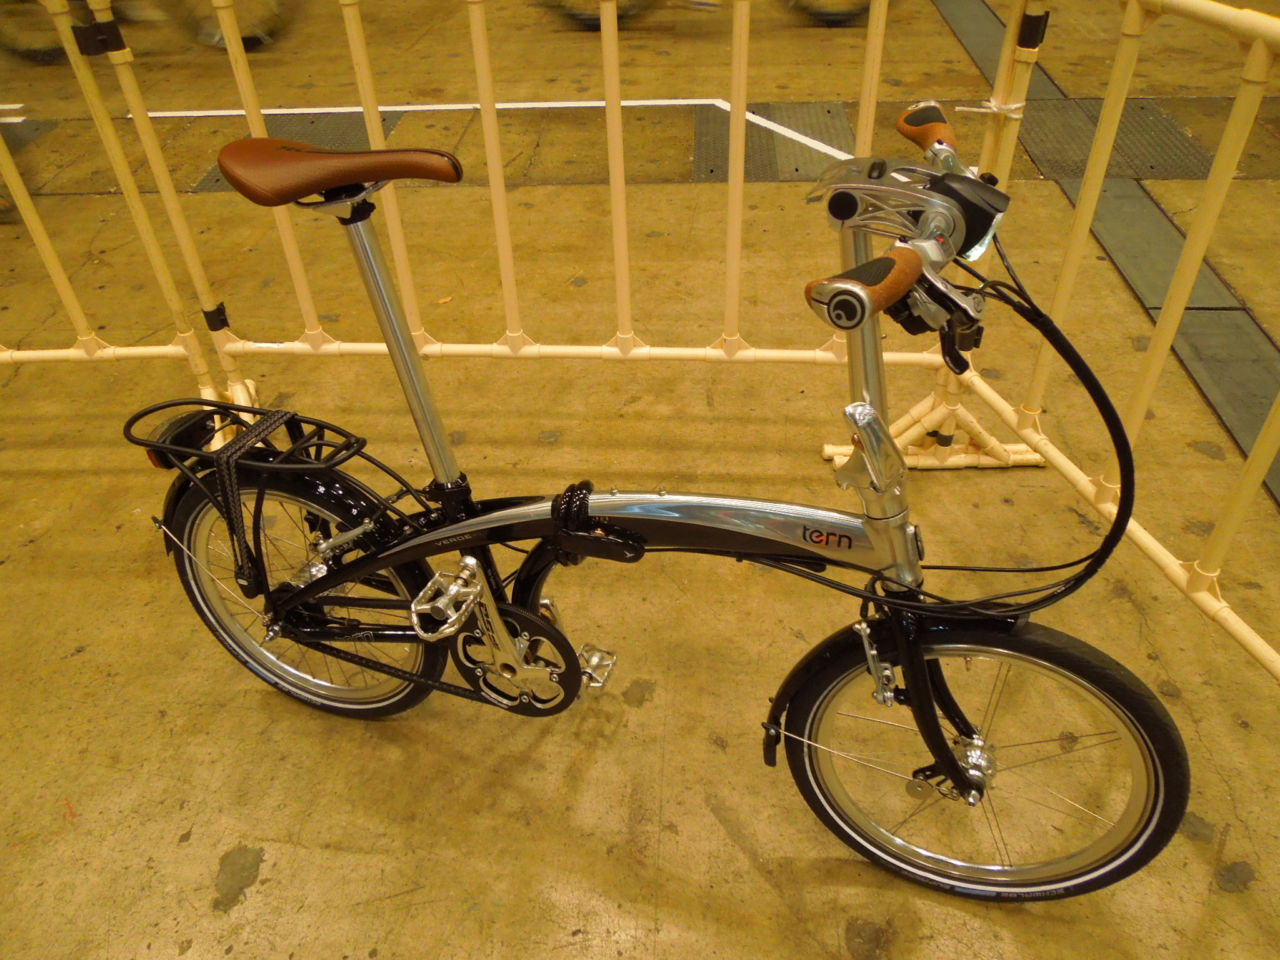 高級折りたたみ自転車と言える自転車 Tern Verge S11i